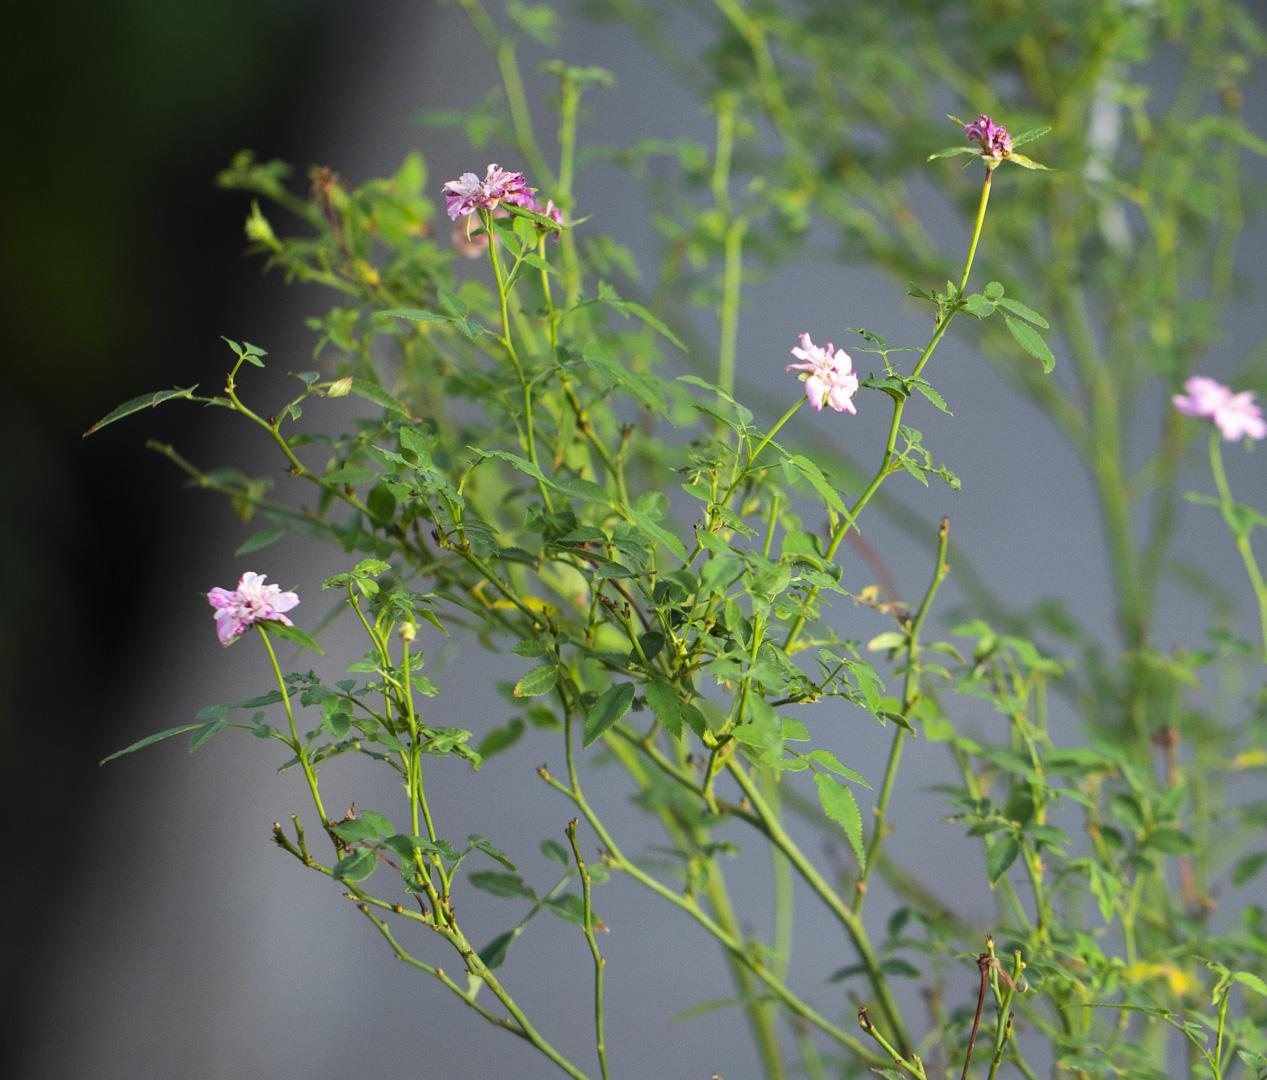 ورد صيني  'نباتات خارجية النباتات المزهرة